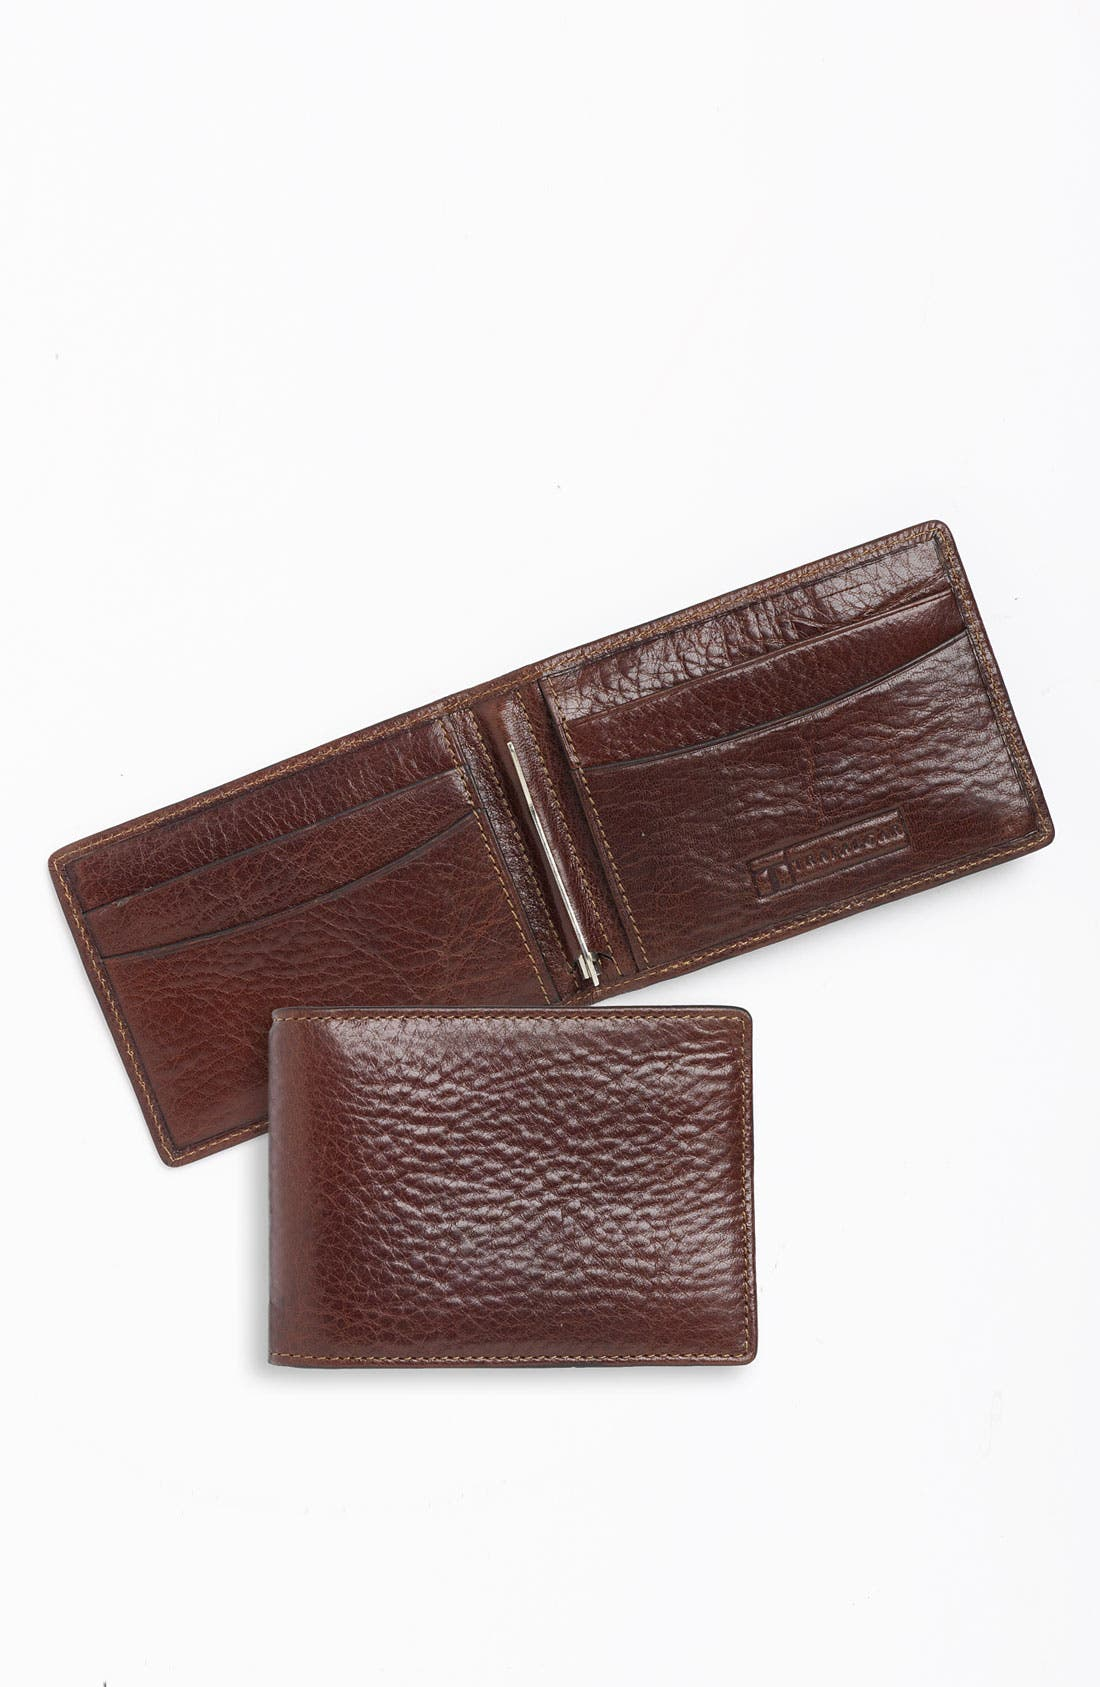 Alternate Image 1 Selected - Trafalgar 'Chesapeake' Bifold Wallet